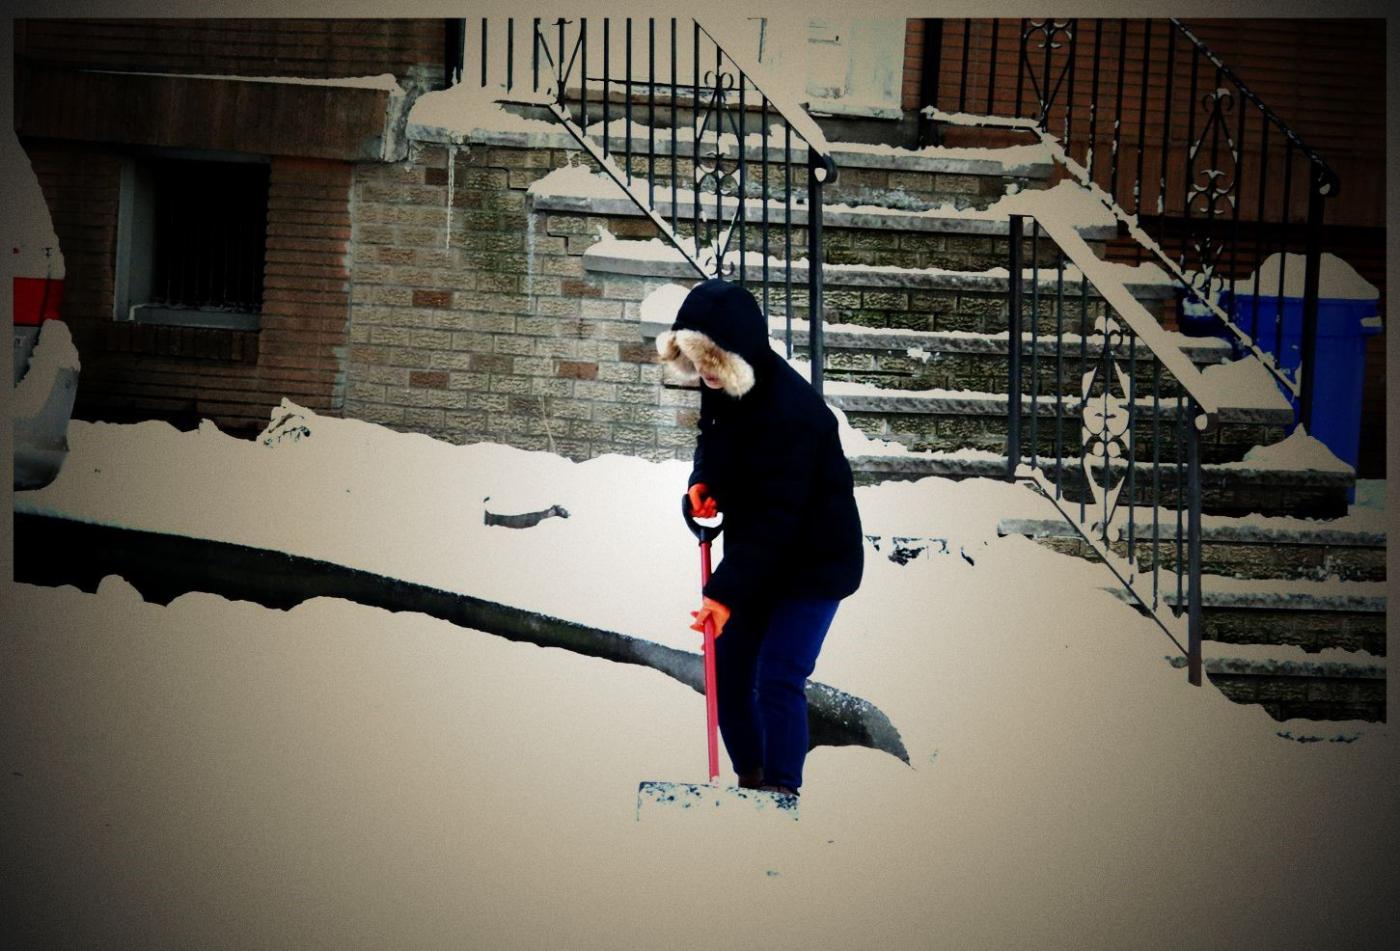 纽约地区入冬首雪景色迷人_图1-12